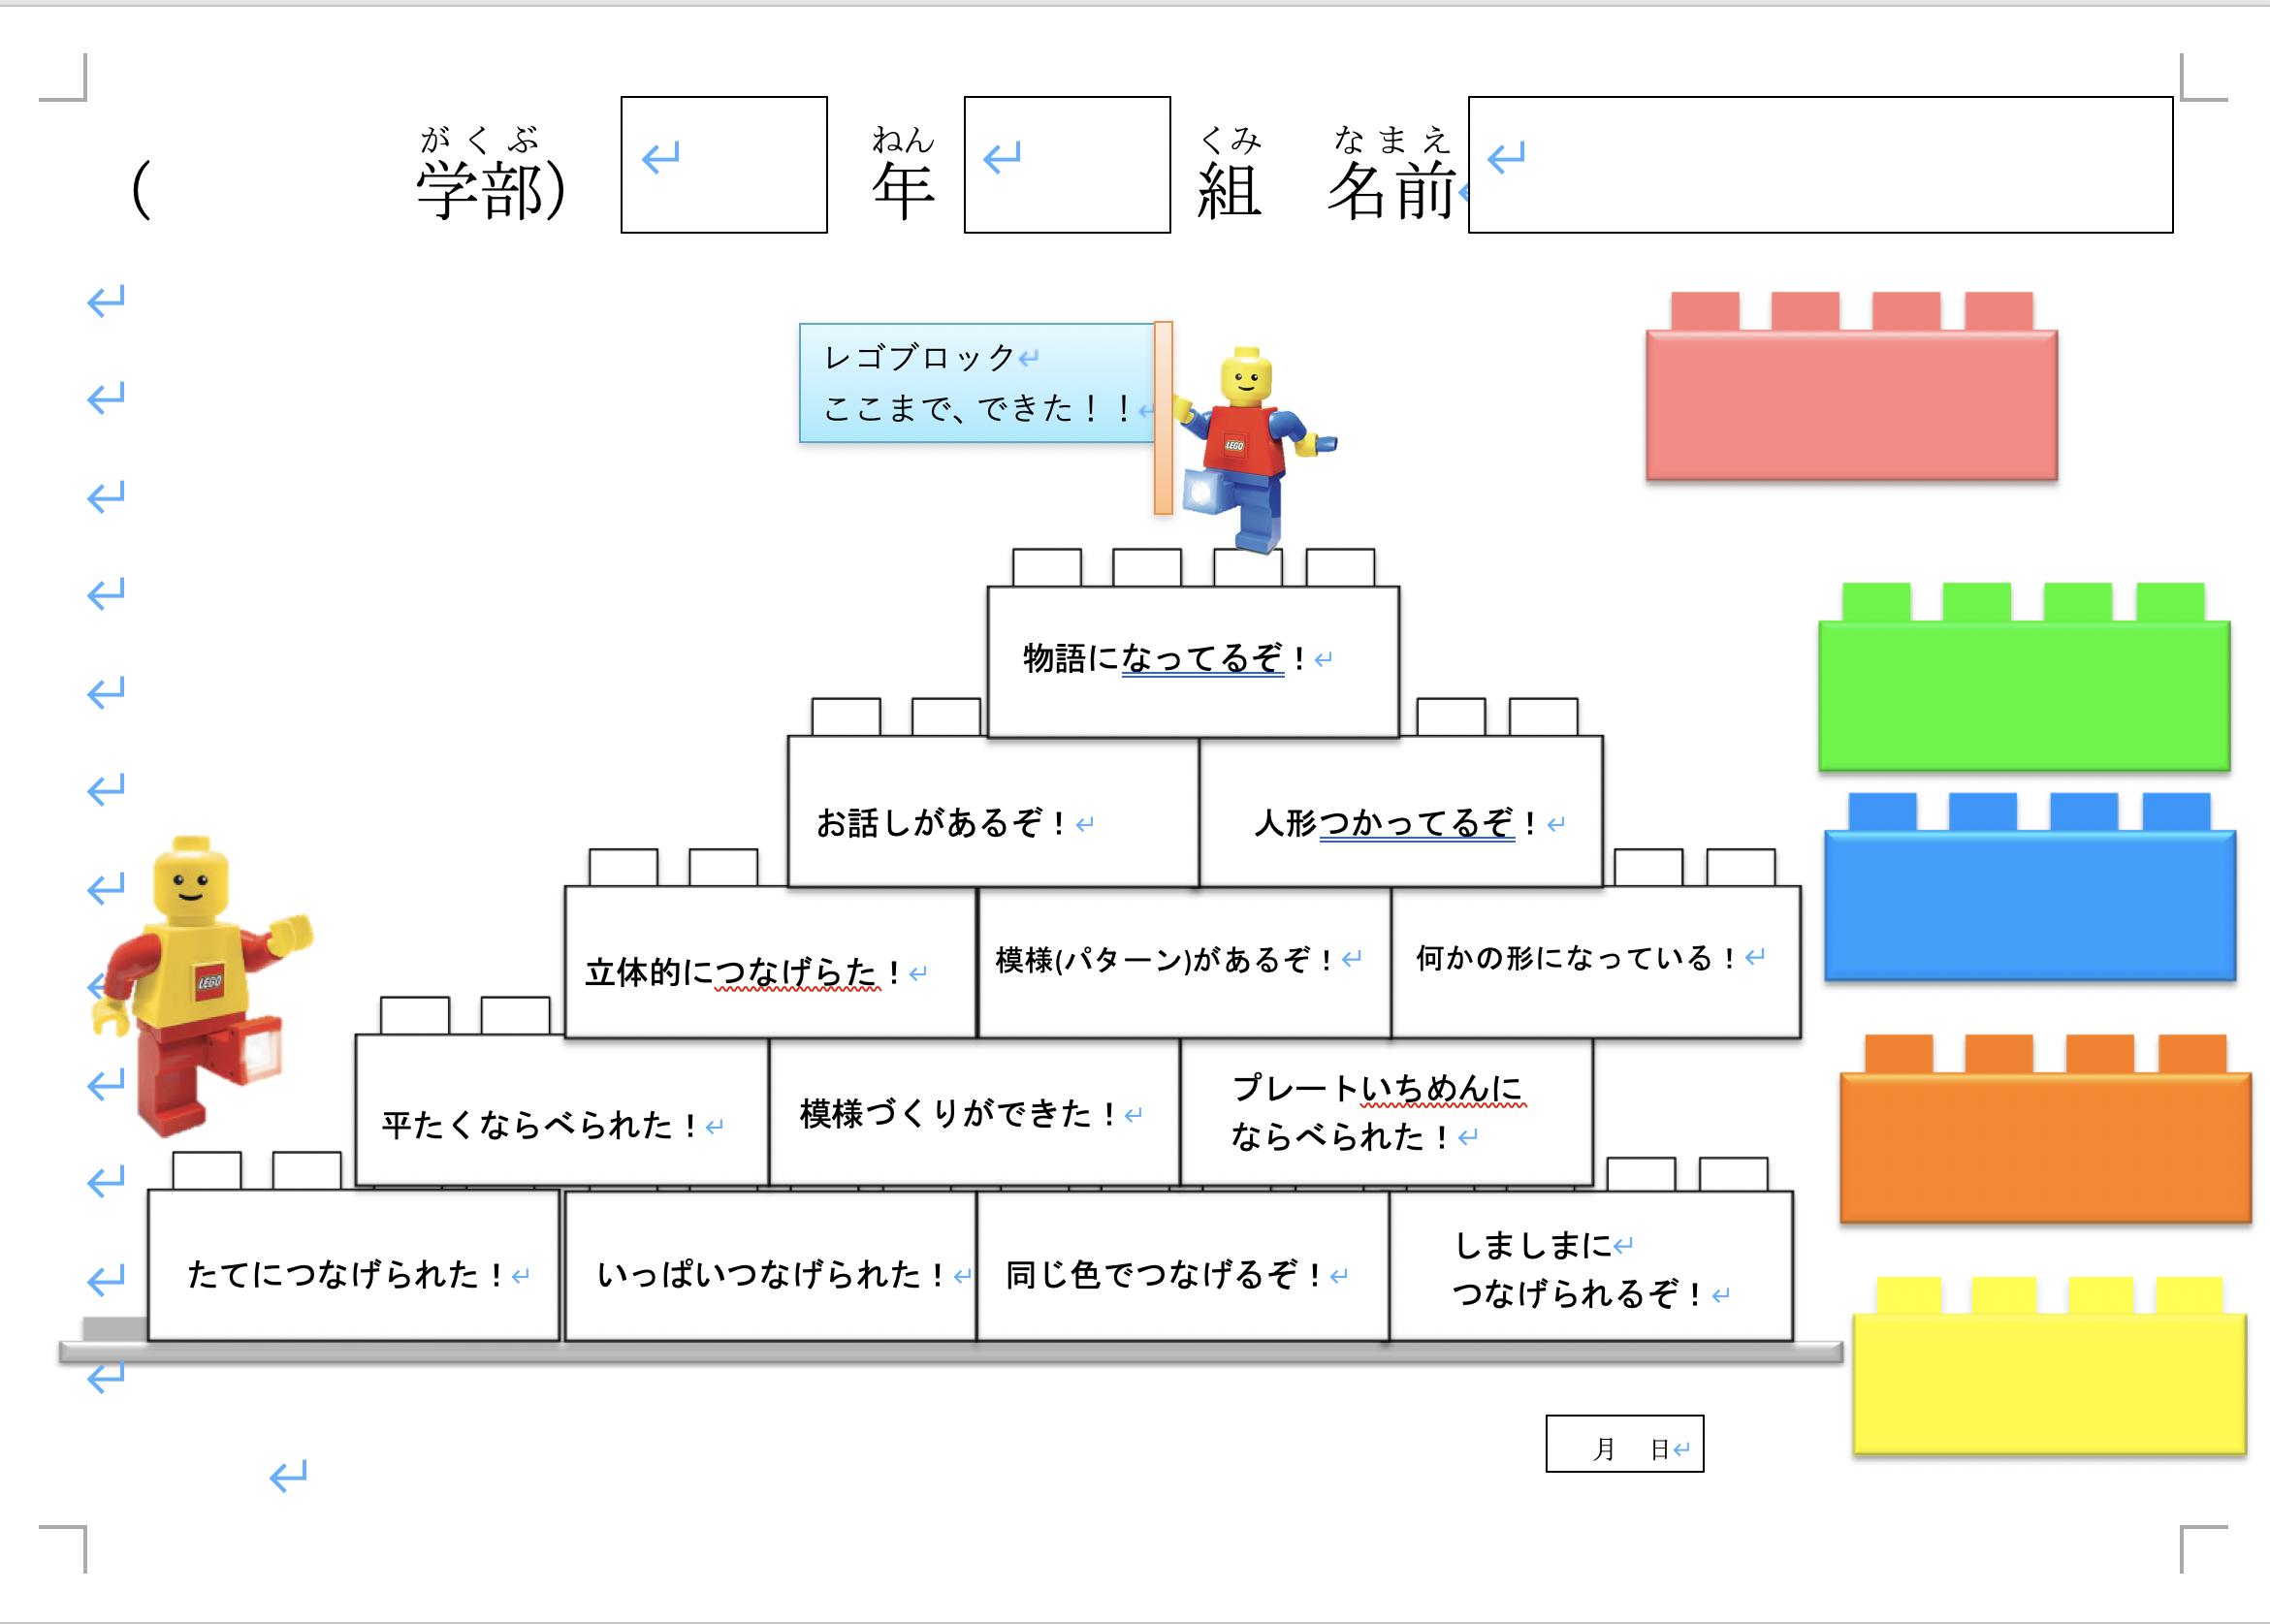 【実践報告】レゴを使った授業